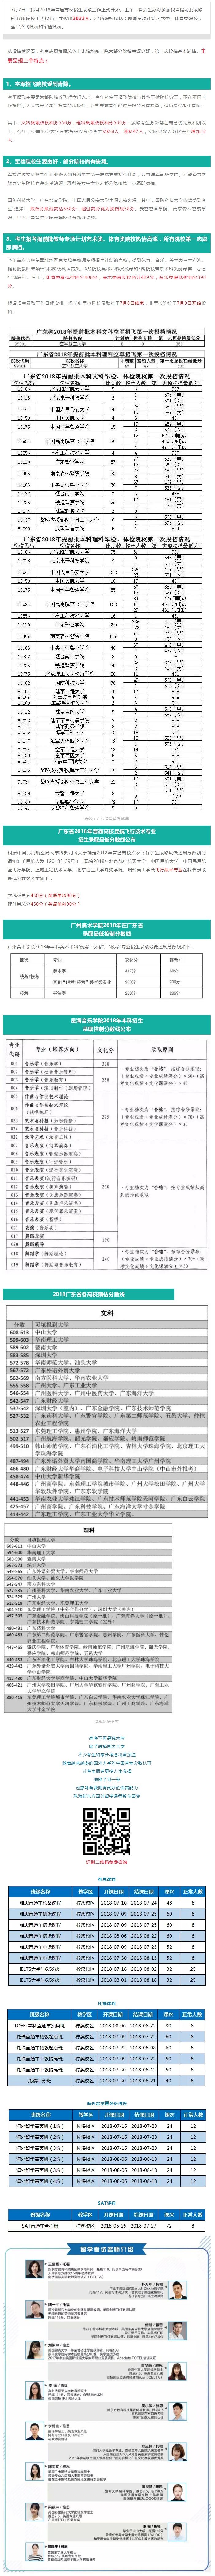 广东省提前批录取分数线出炉